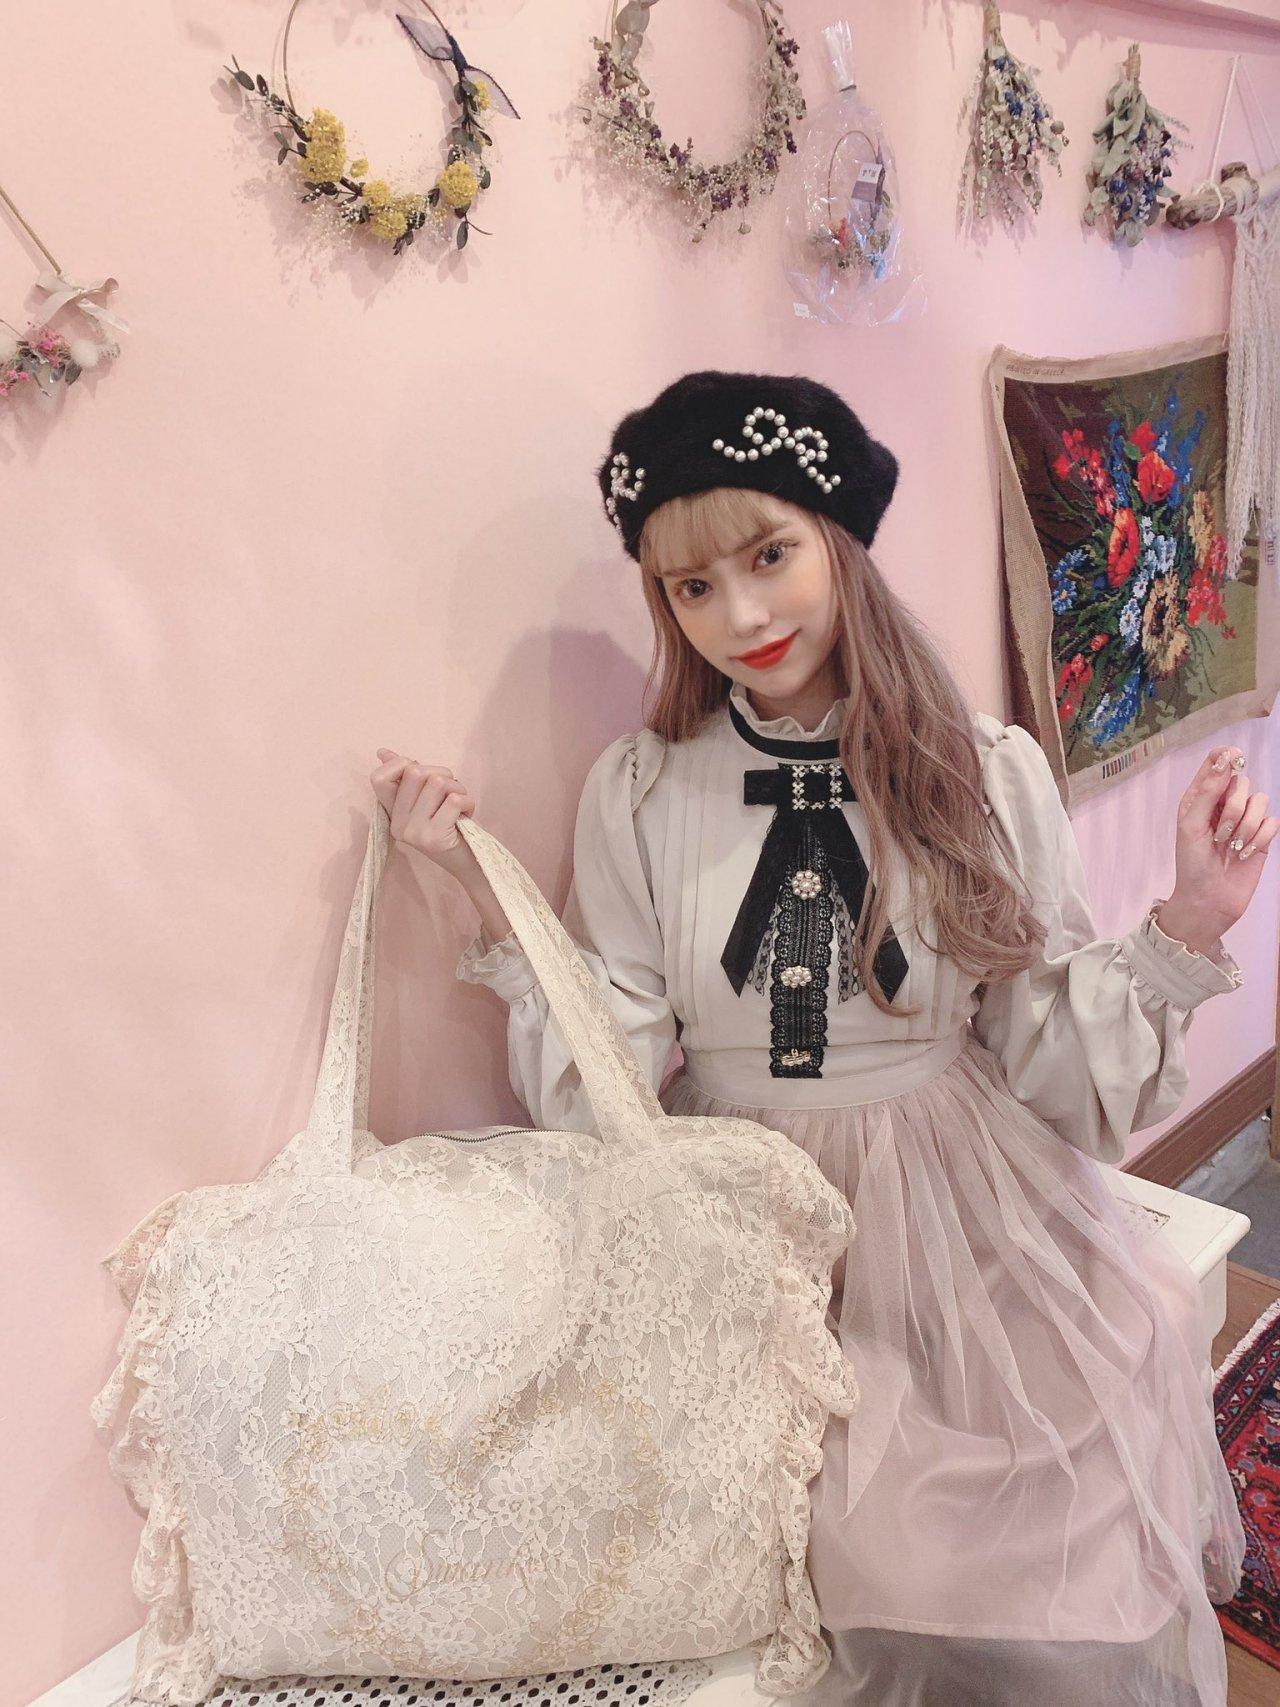 #Saaya Hayashida#Swankiss#Larme#Larme kei#Japanese Fashion